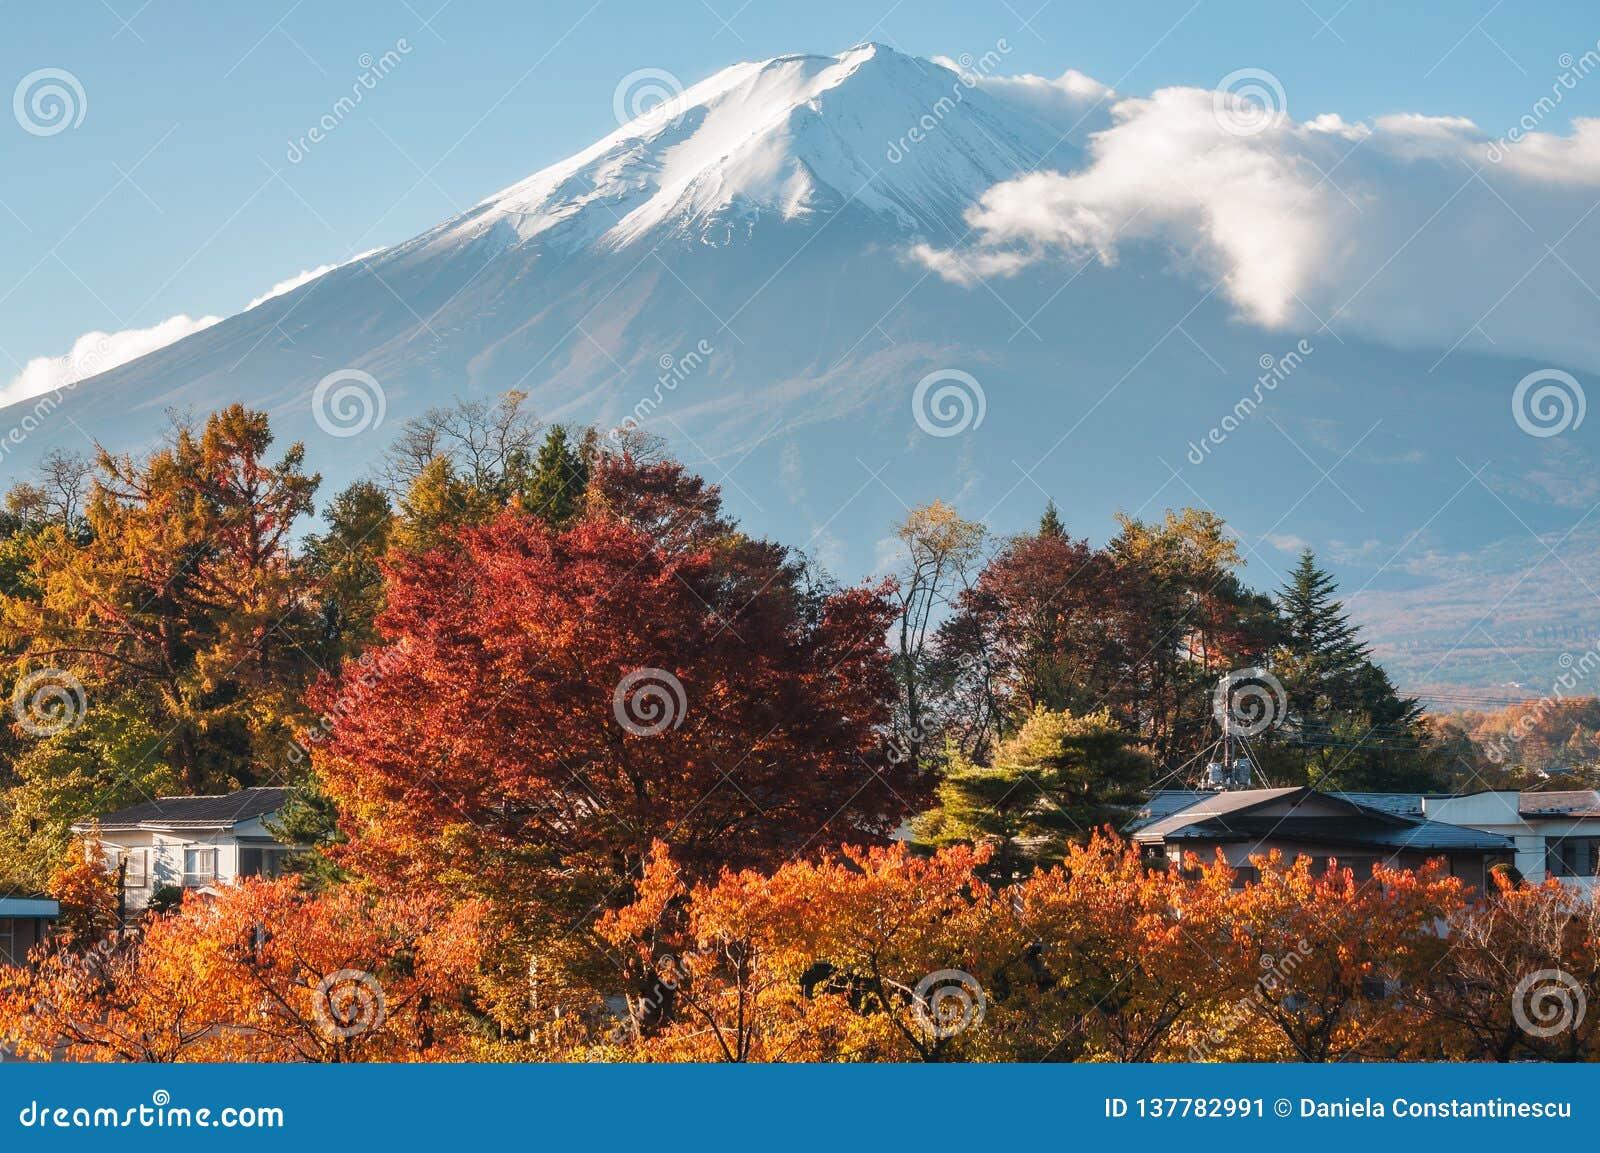 Der Fujisan-Ansicht in Herbst von einem Erholungsort in Japan